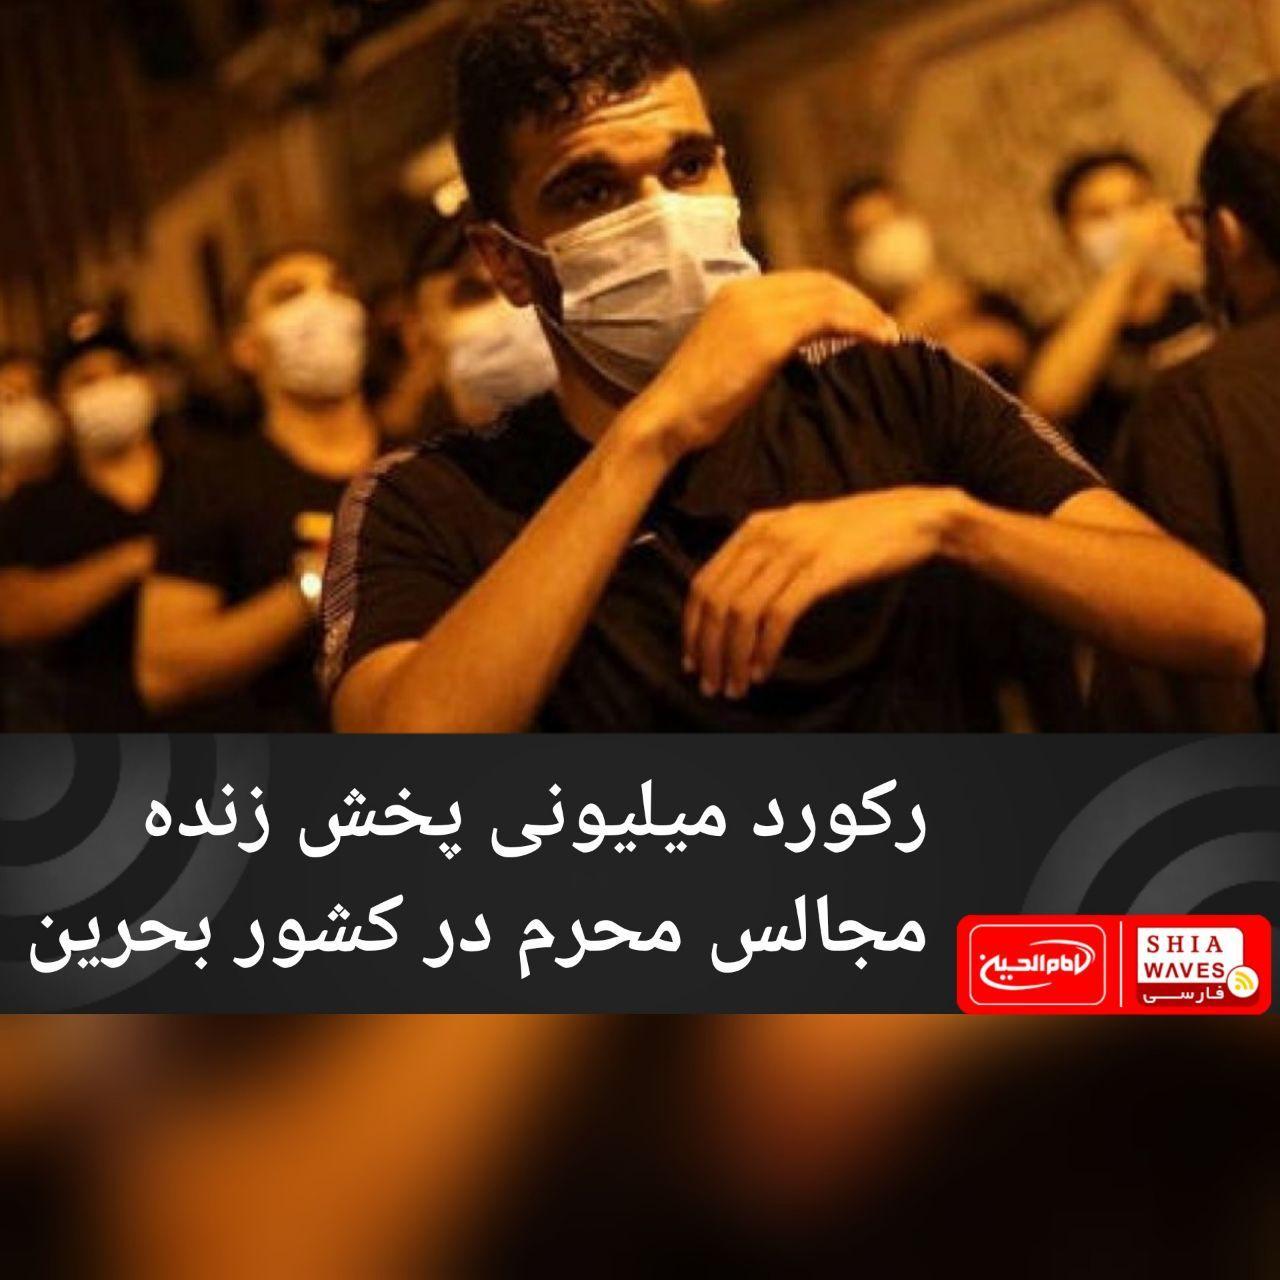 تصویر رکورد میلیونی پخش زنده مجالس محرم در کشور بحرین